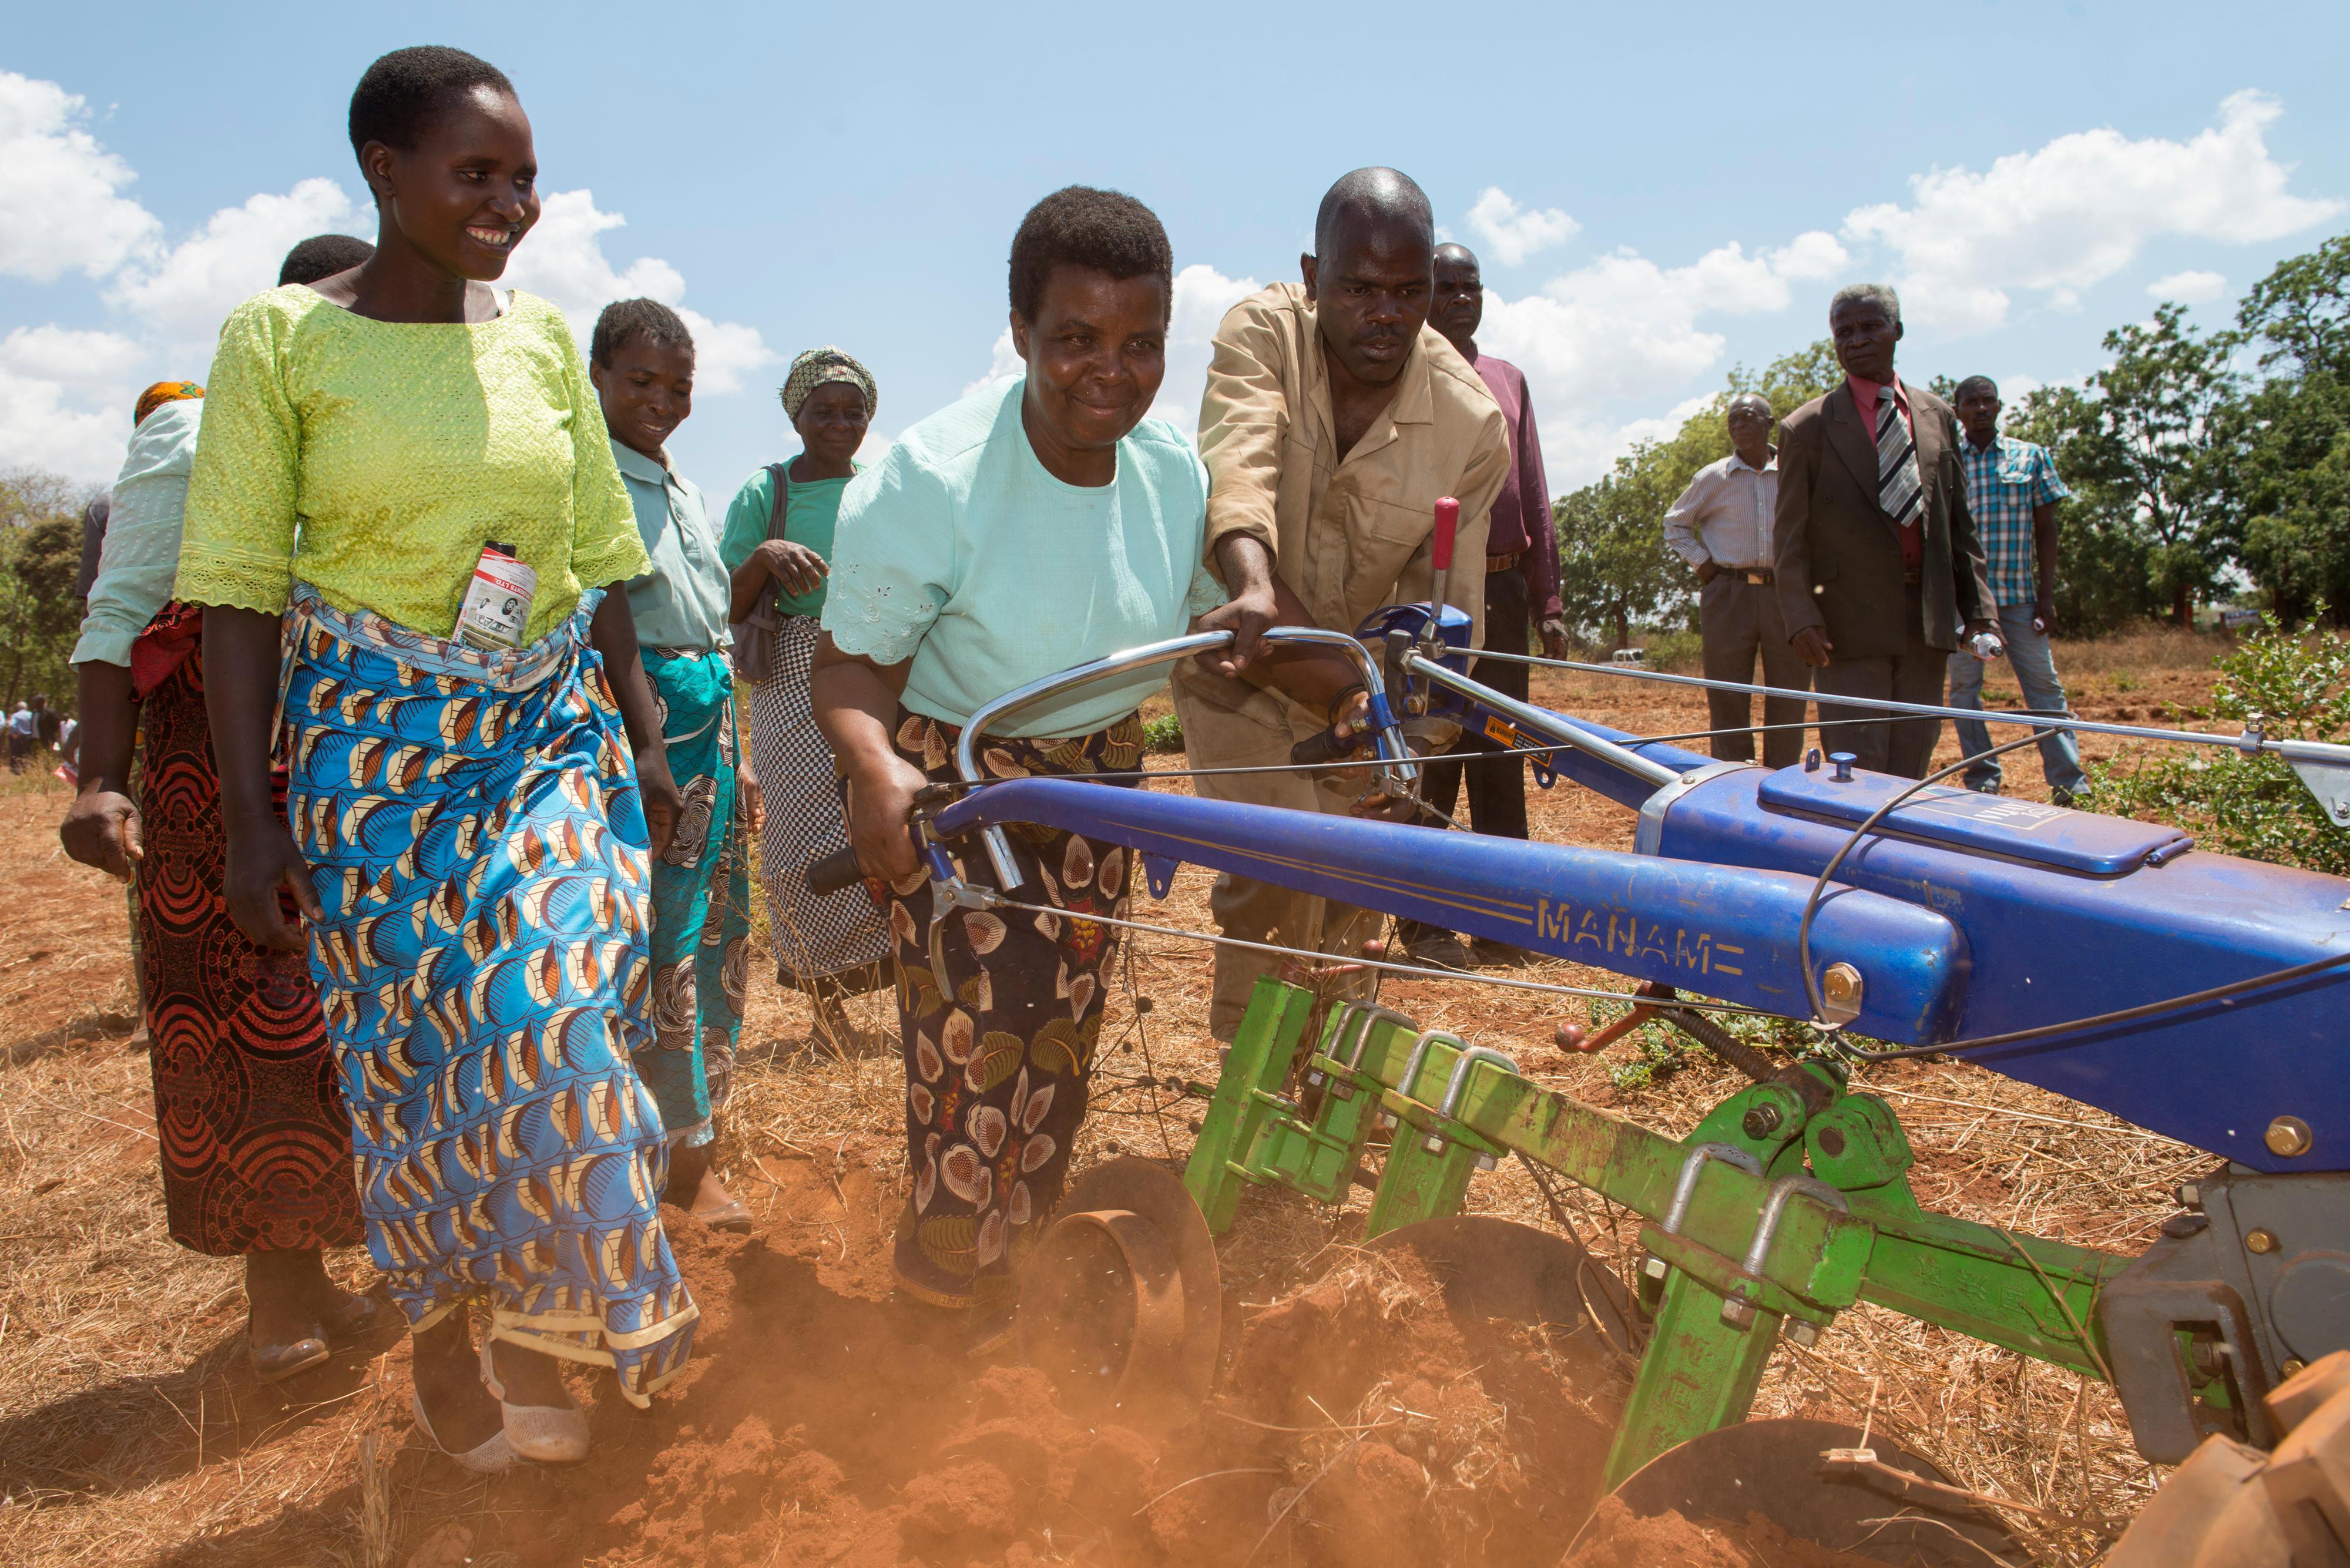 Eine Bäuerin beim Handtraktor-Training: An der landwirtschaftlichen und naturwissenschaftlichen Universität von Malawi können sich Bäuerinnen und Bauern Zugmaschinen zu günstigen Preisen tageweise ausleihen.